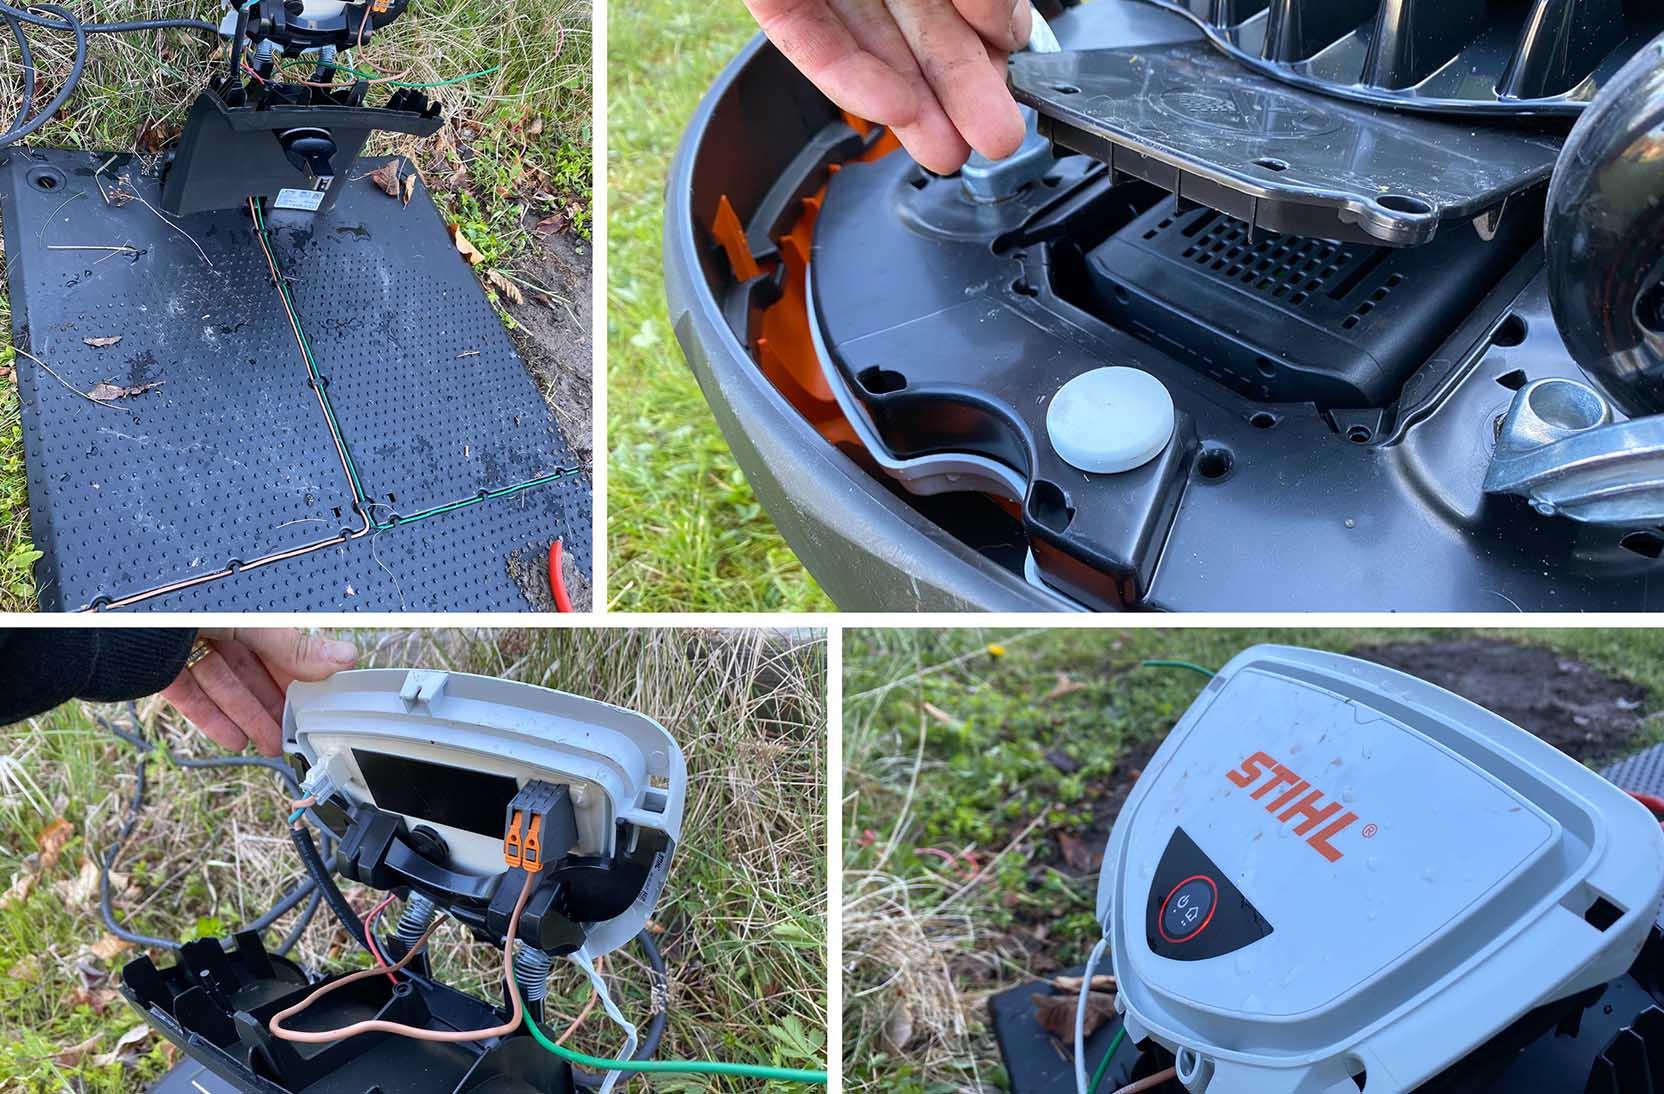 Installationen av Stihl RMI 632 PC är inte särskilt komplicerad, men också något omodern